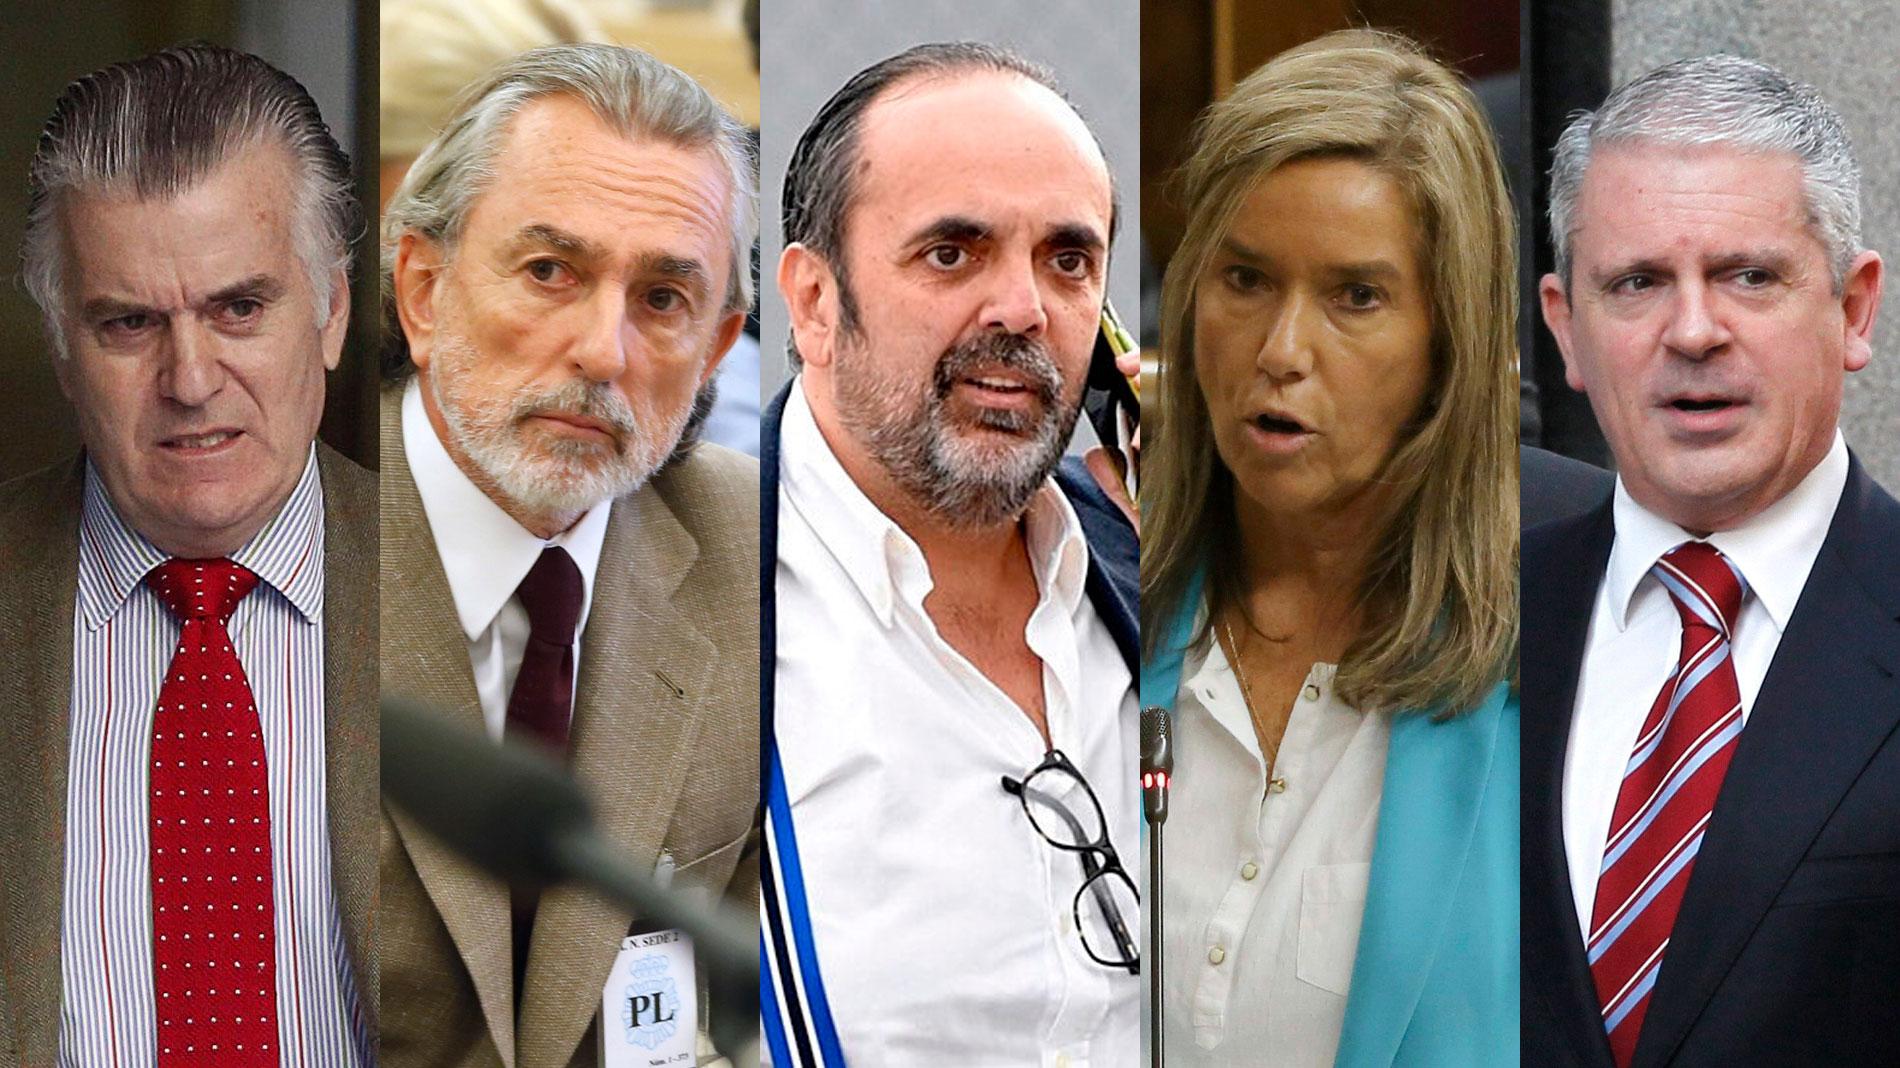 Bárcenas, Correa y el PP, condenados en la pieza principal del caso Gürtel